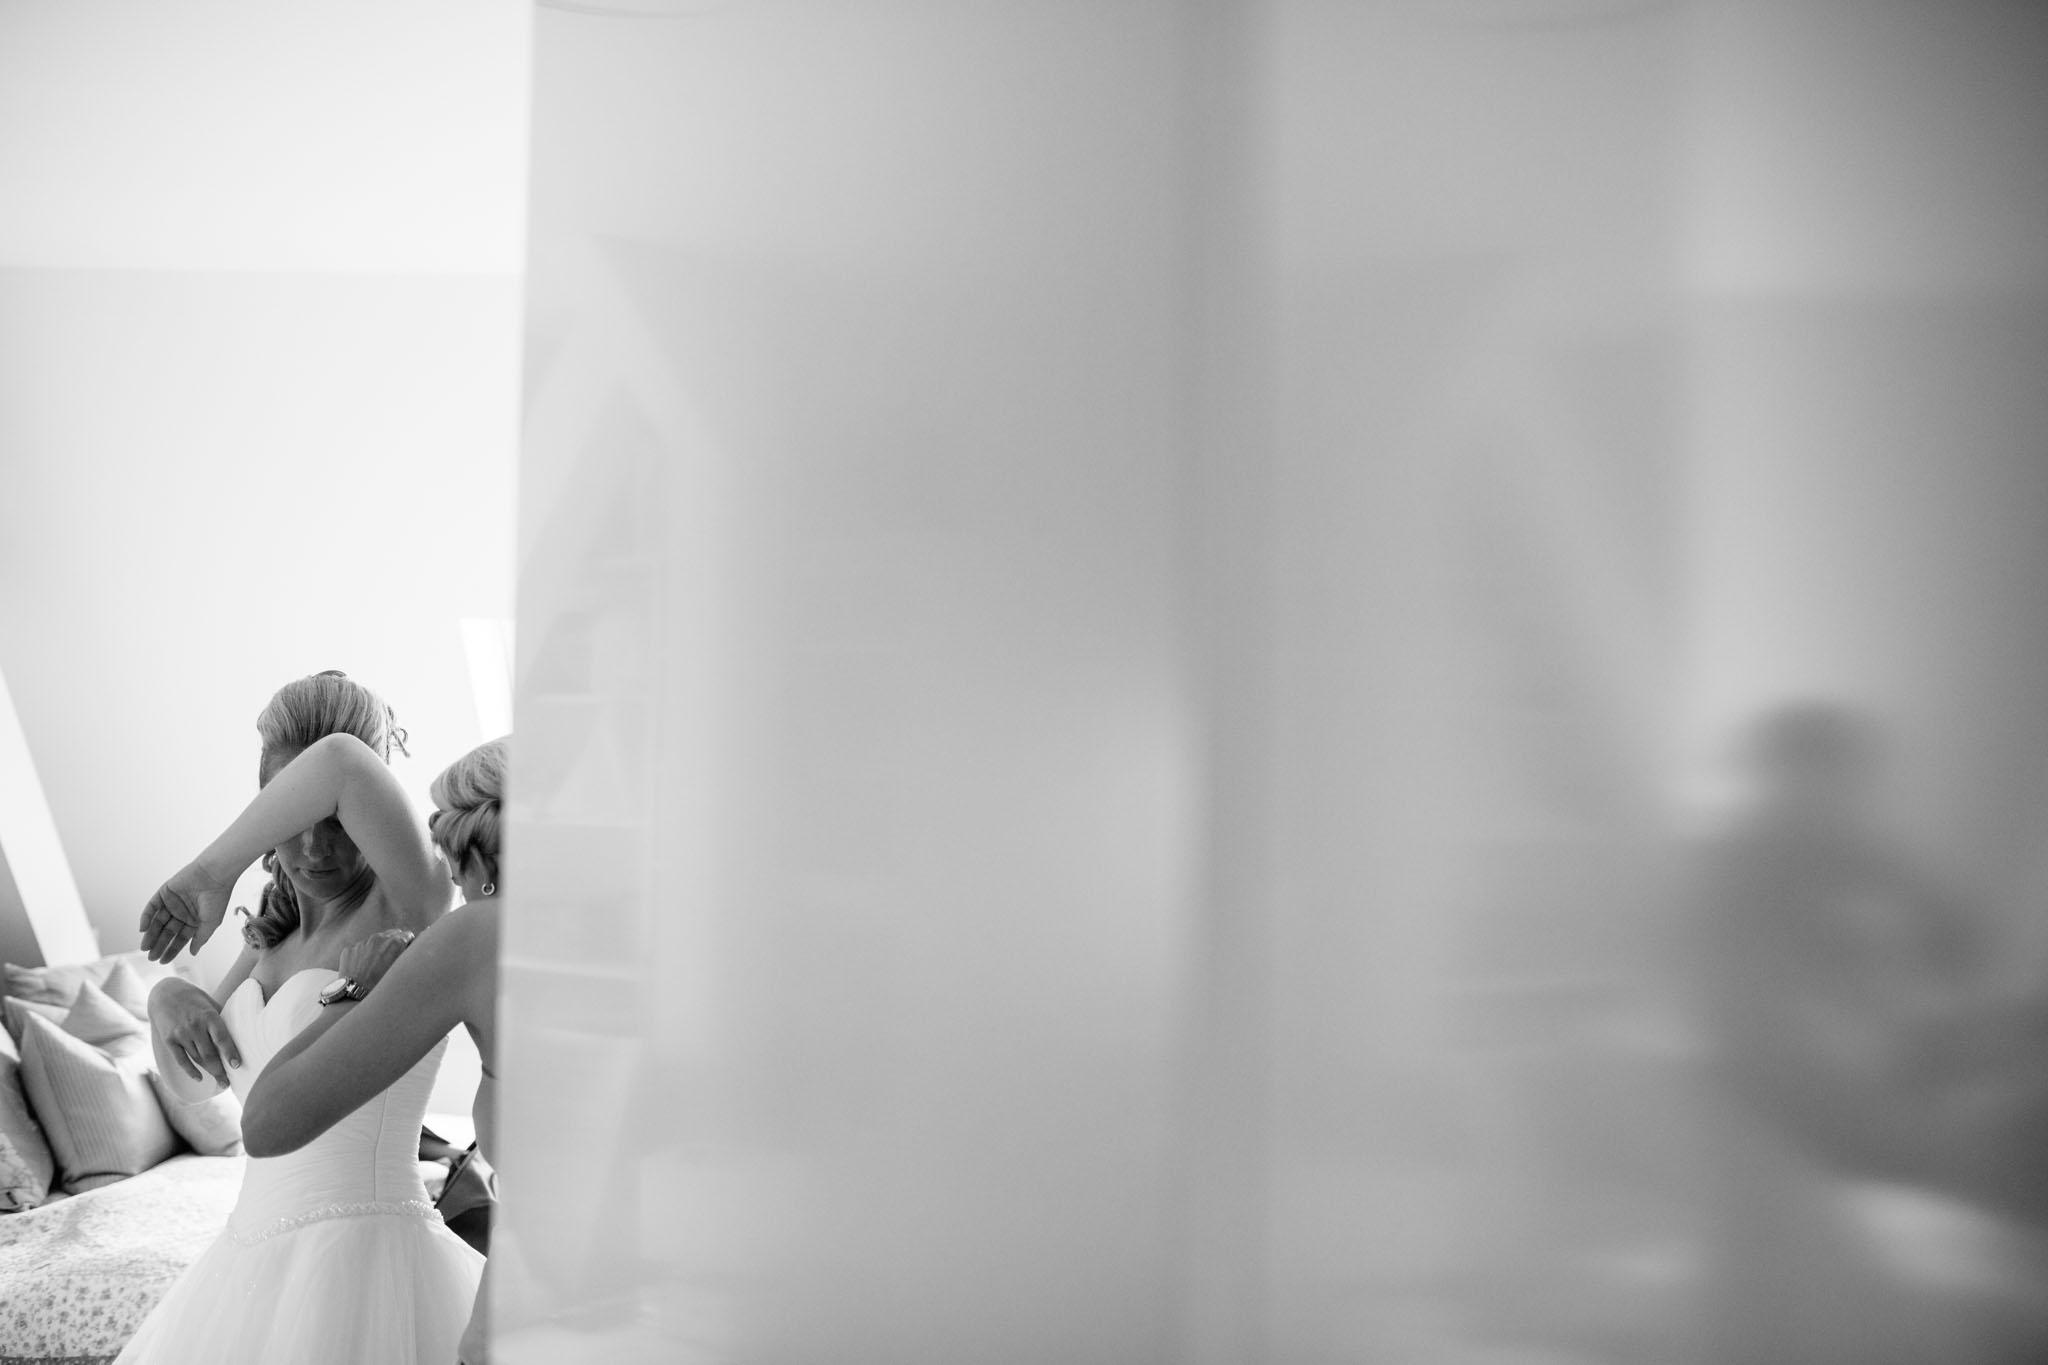 hochzeitskleid-ankleiden-getting-ready-reportage-fotograf-berlin